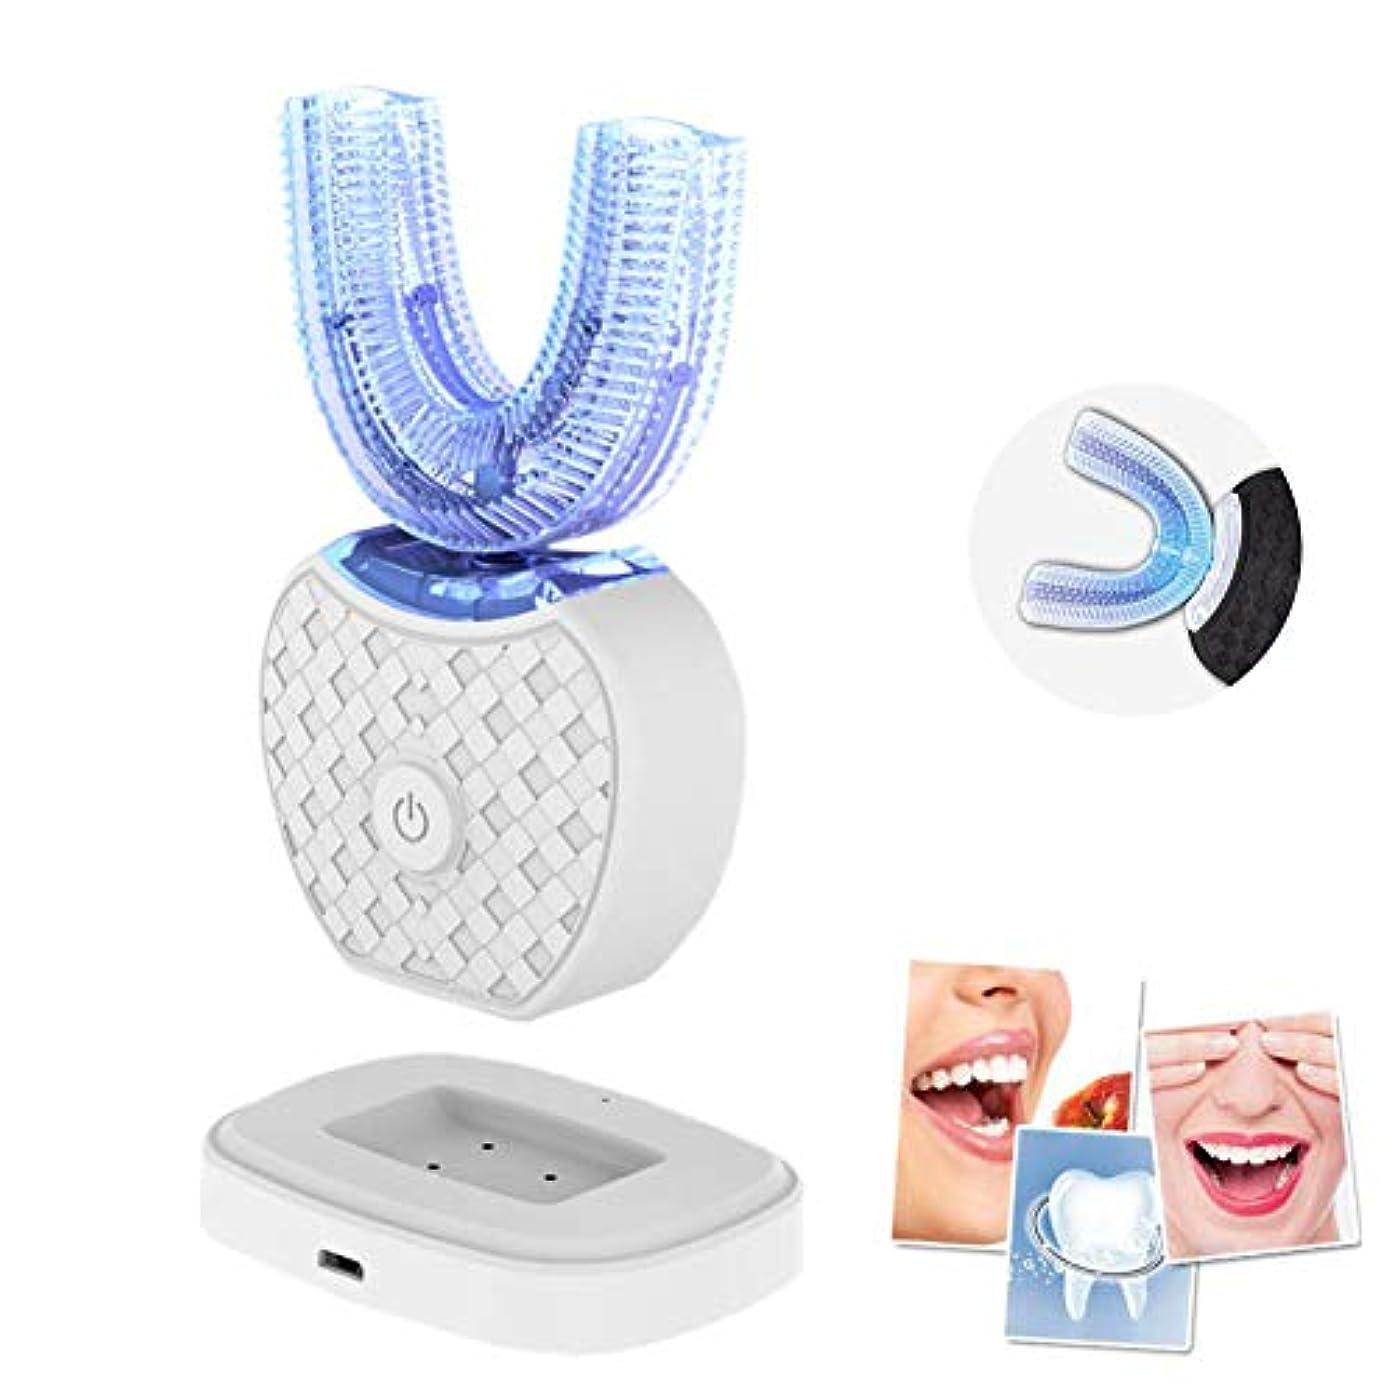 スマート怠惰なシリコーン電動歯ブラシを360度ワイヤレス歯のクリーナーパーソナルケア、防水USB充電をホワイトニング